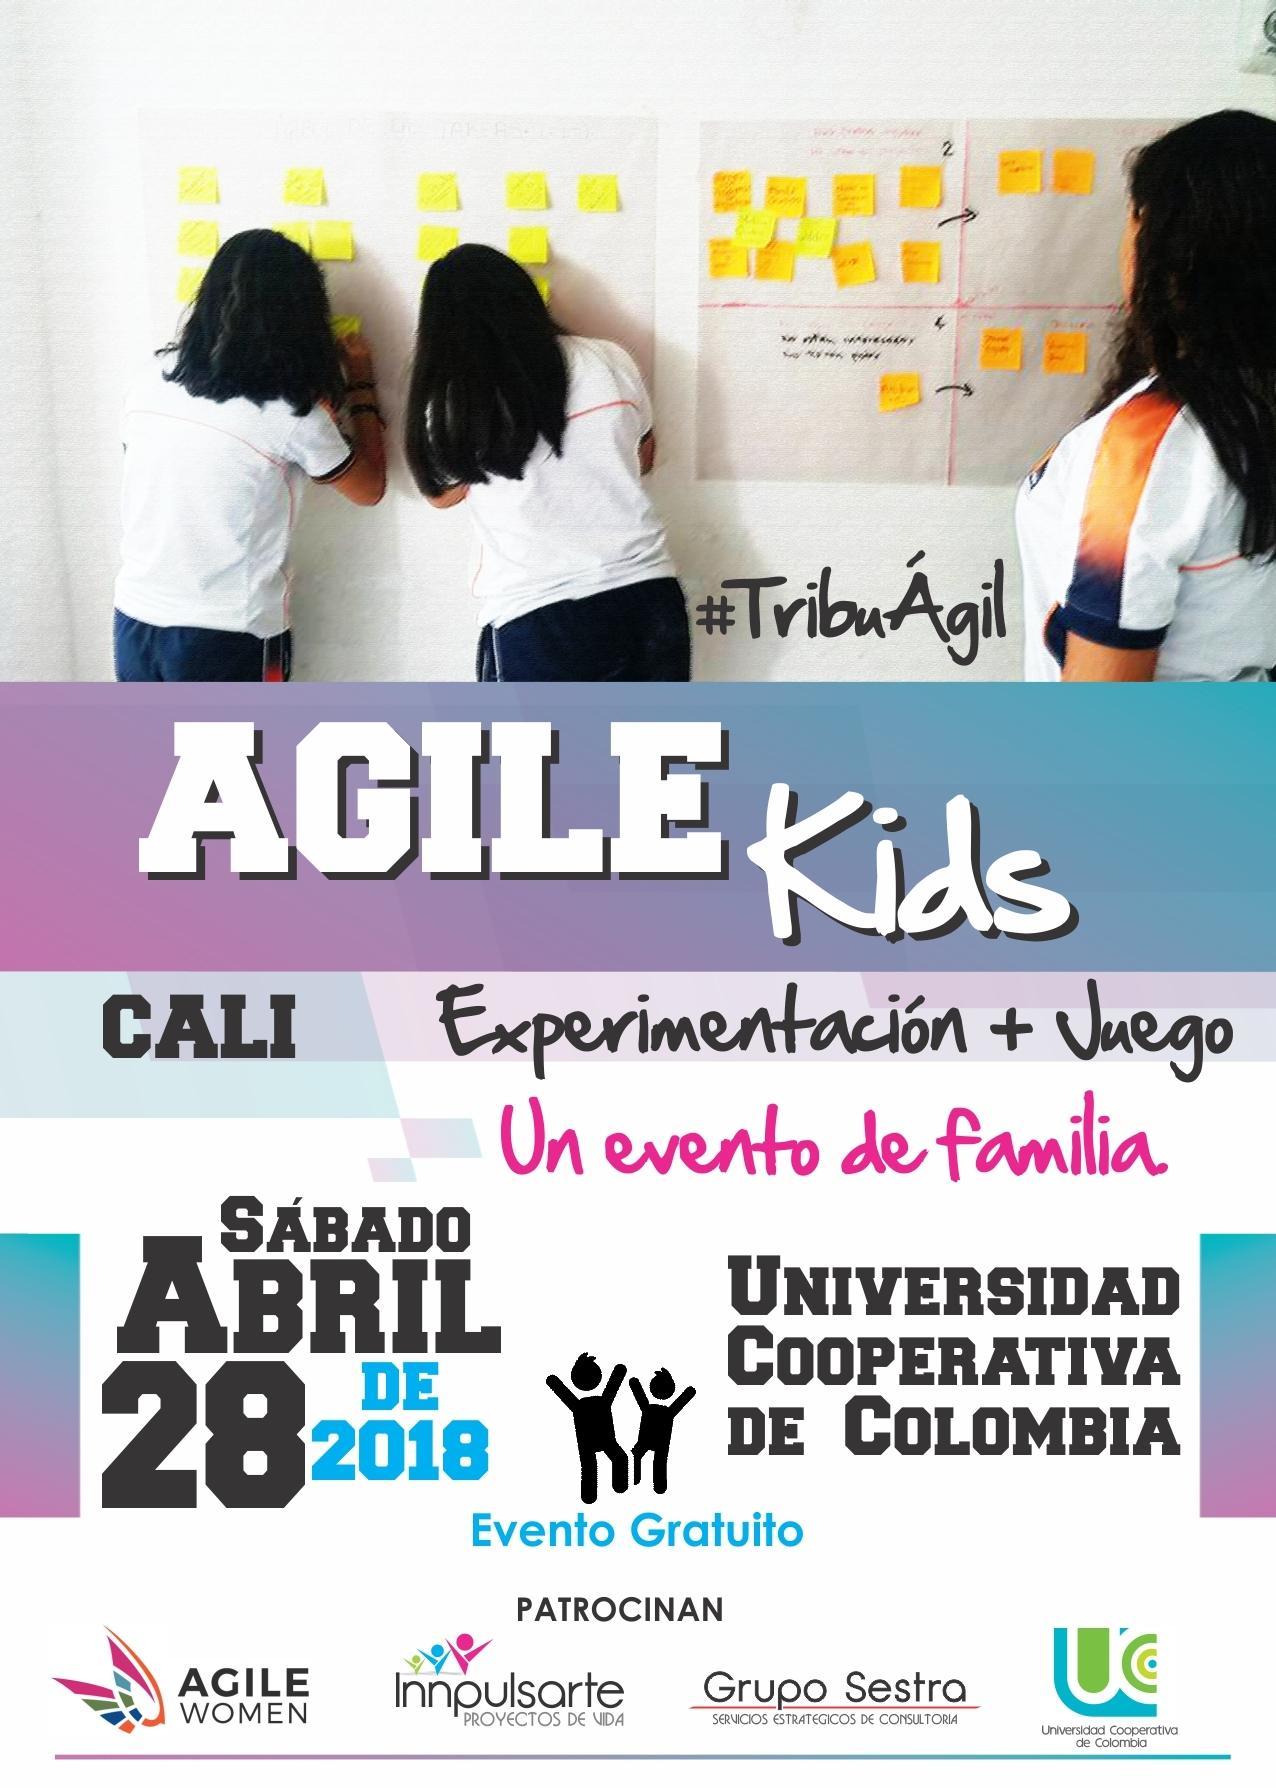 Invitación a Agile Kids Cali - Colombia